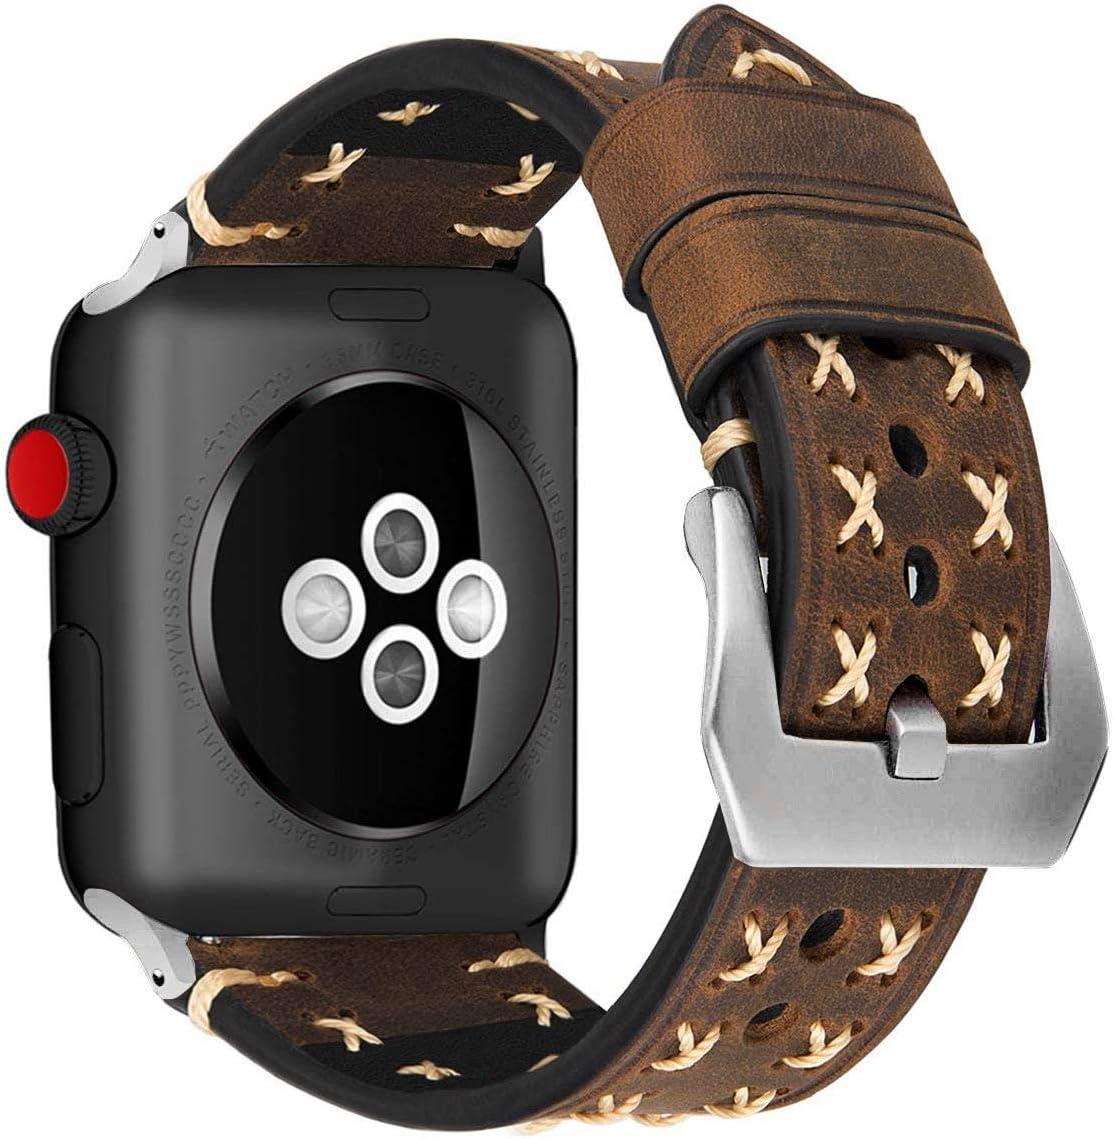 MroTech Correa de Cuero Compatible para iWatch Serie 5/4/3/2/1 iWatch Pulseras de Repuesto 42mm Banda de Reloj Bracelet Strap Compatible para iWatch 42 mm 44 mm Watch Band, Vintage-Caffè